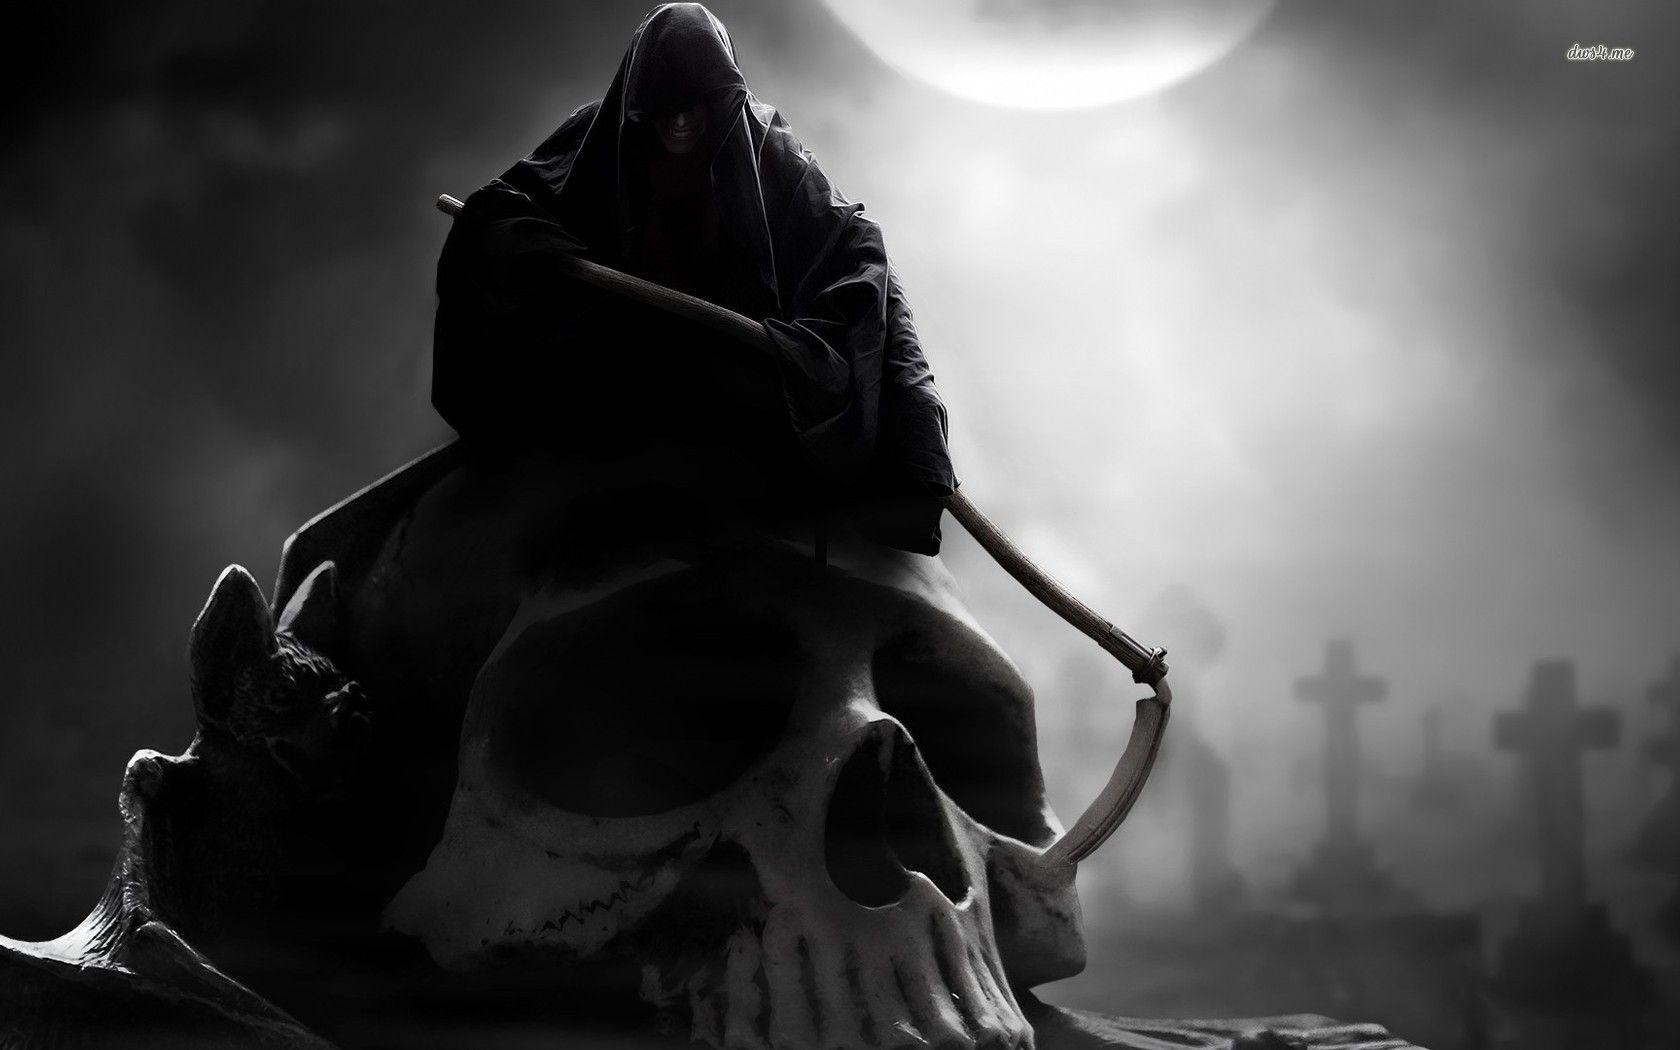 Grim Reaper Hd Wallpaper Grim Reaper Reaper Skull Wallpaper